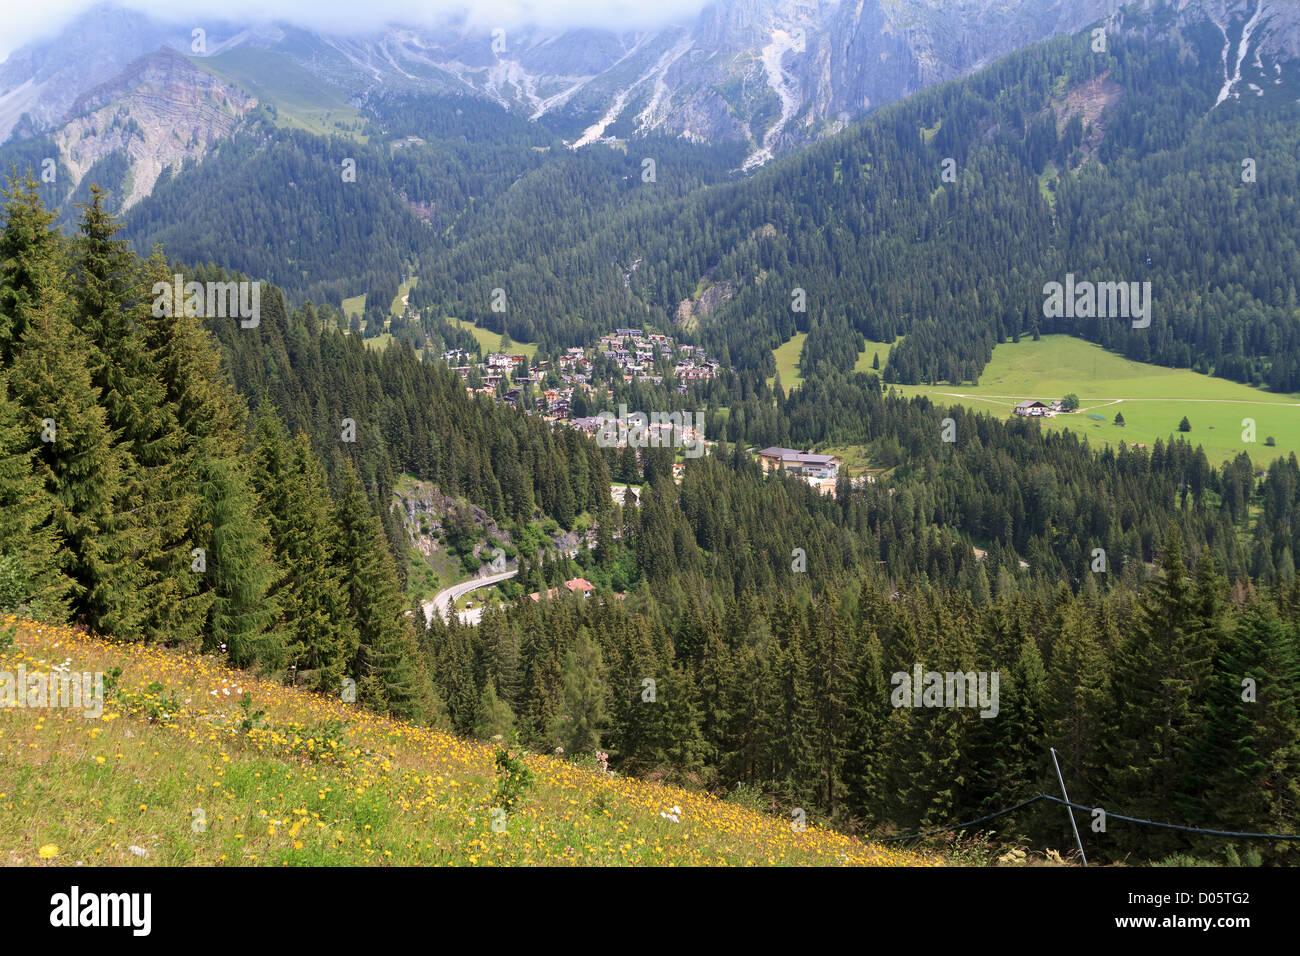 summer view of San Martino di Castrozza and Primiero valley, Trentino, Italy Stock Photo